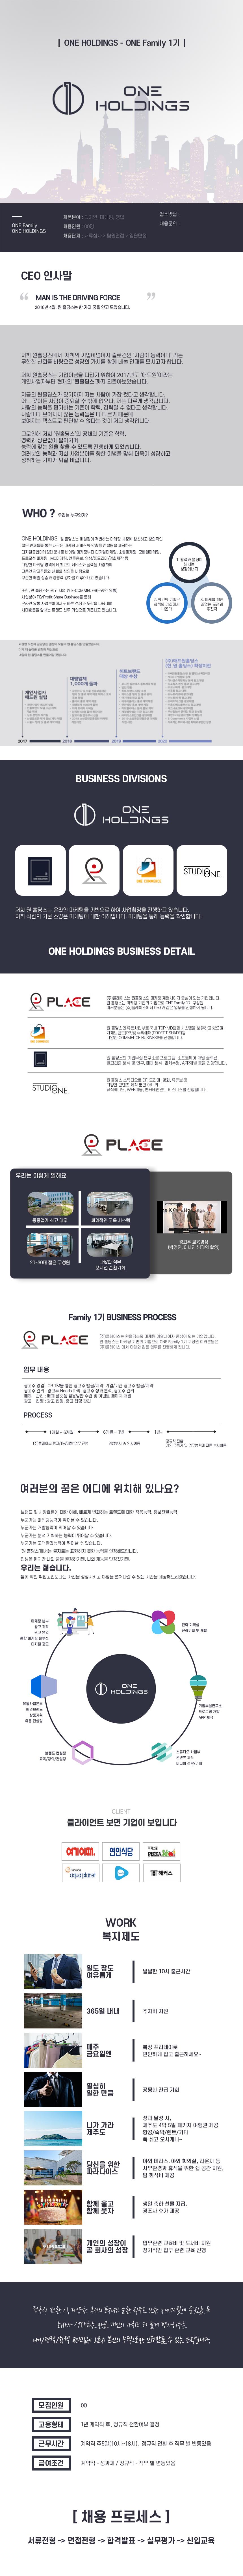 ㈜플레이스광고영업(광고영업, 온라인광고外 2개 부문) 채용